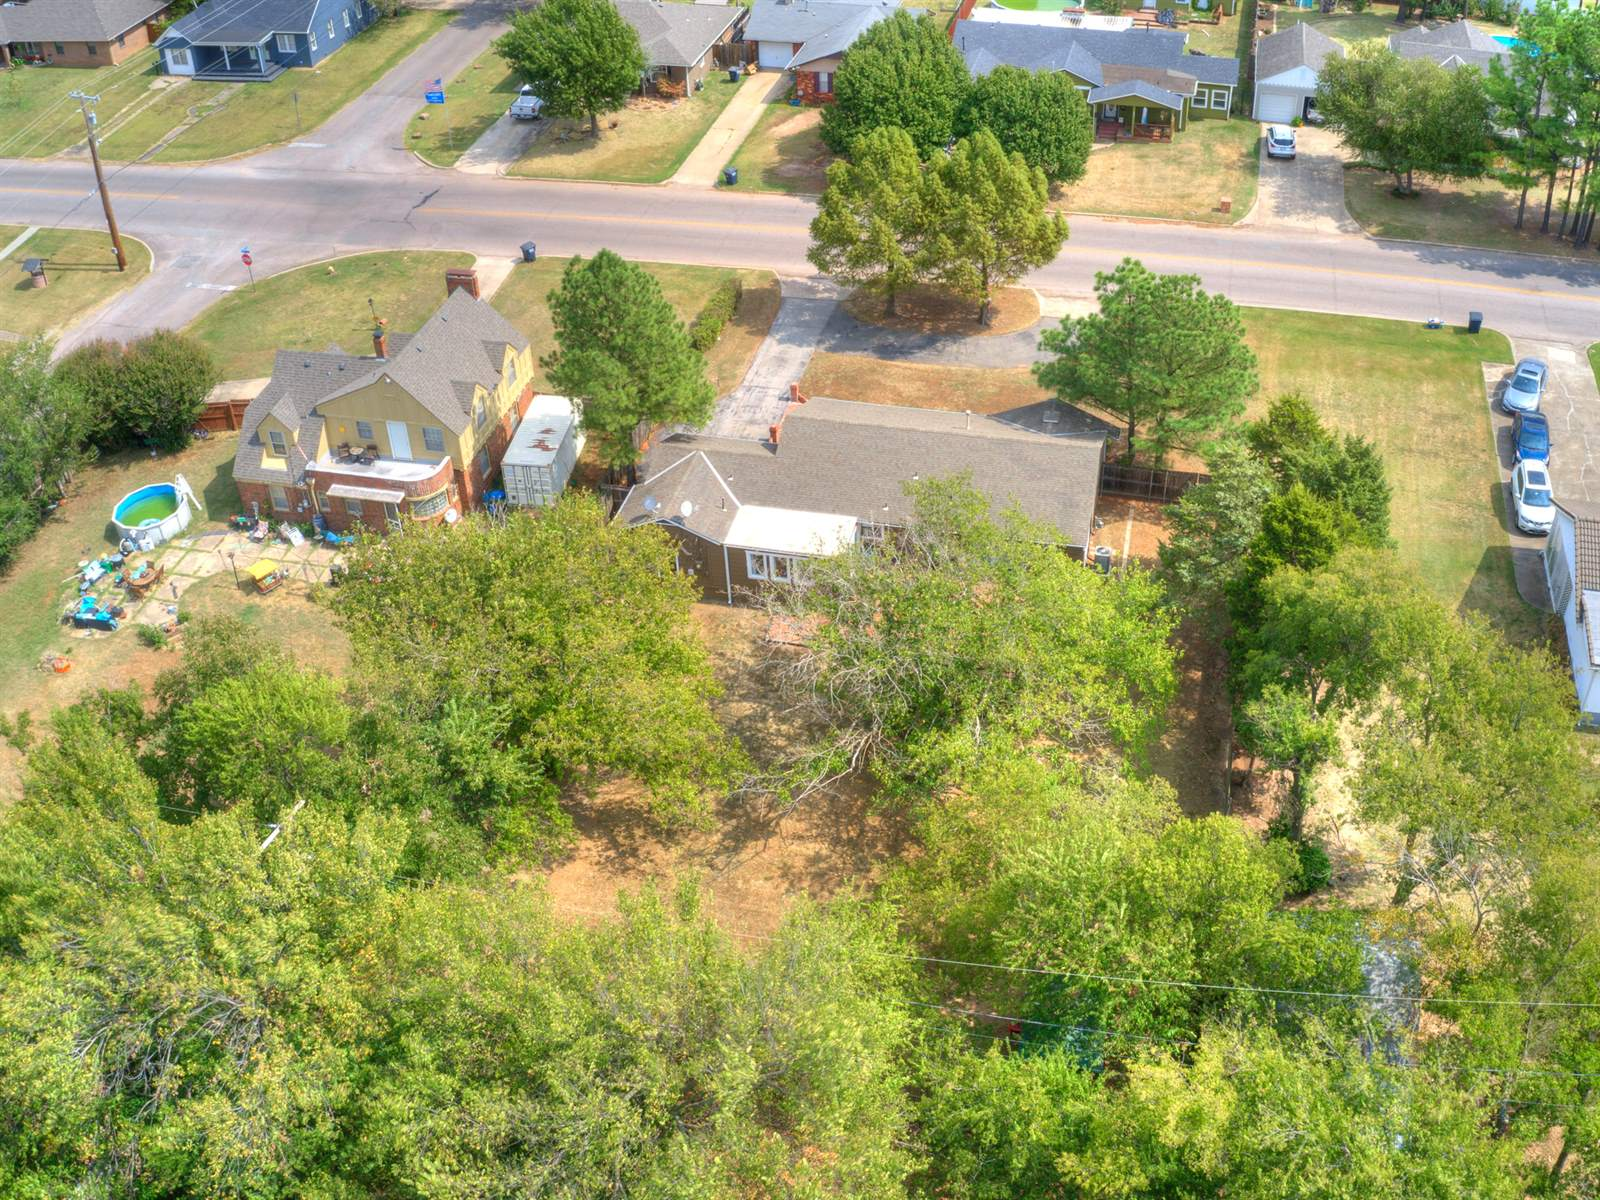 1826 N Union Ave, Shawnee, OK 74804